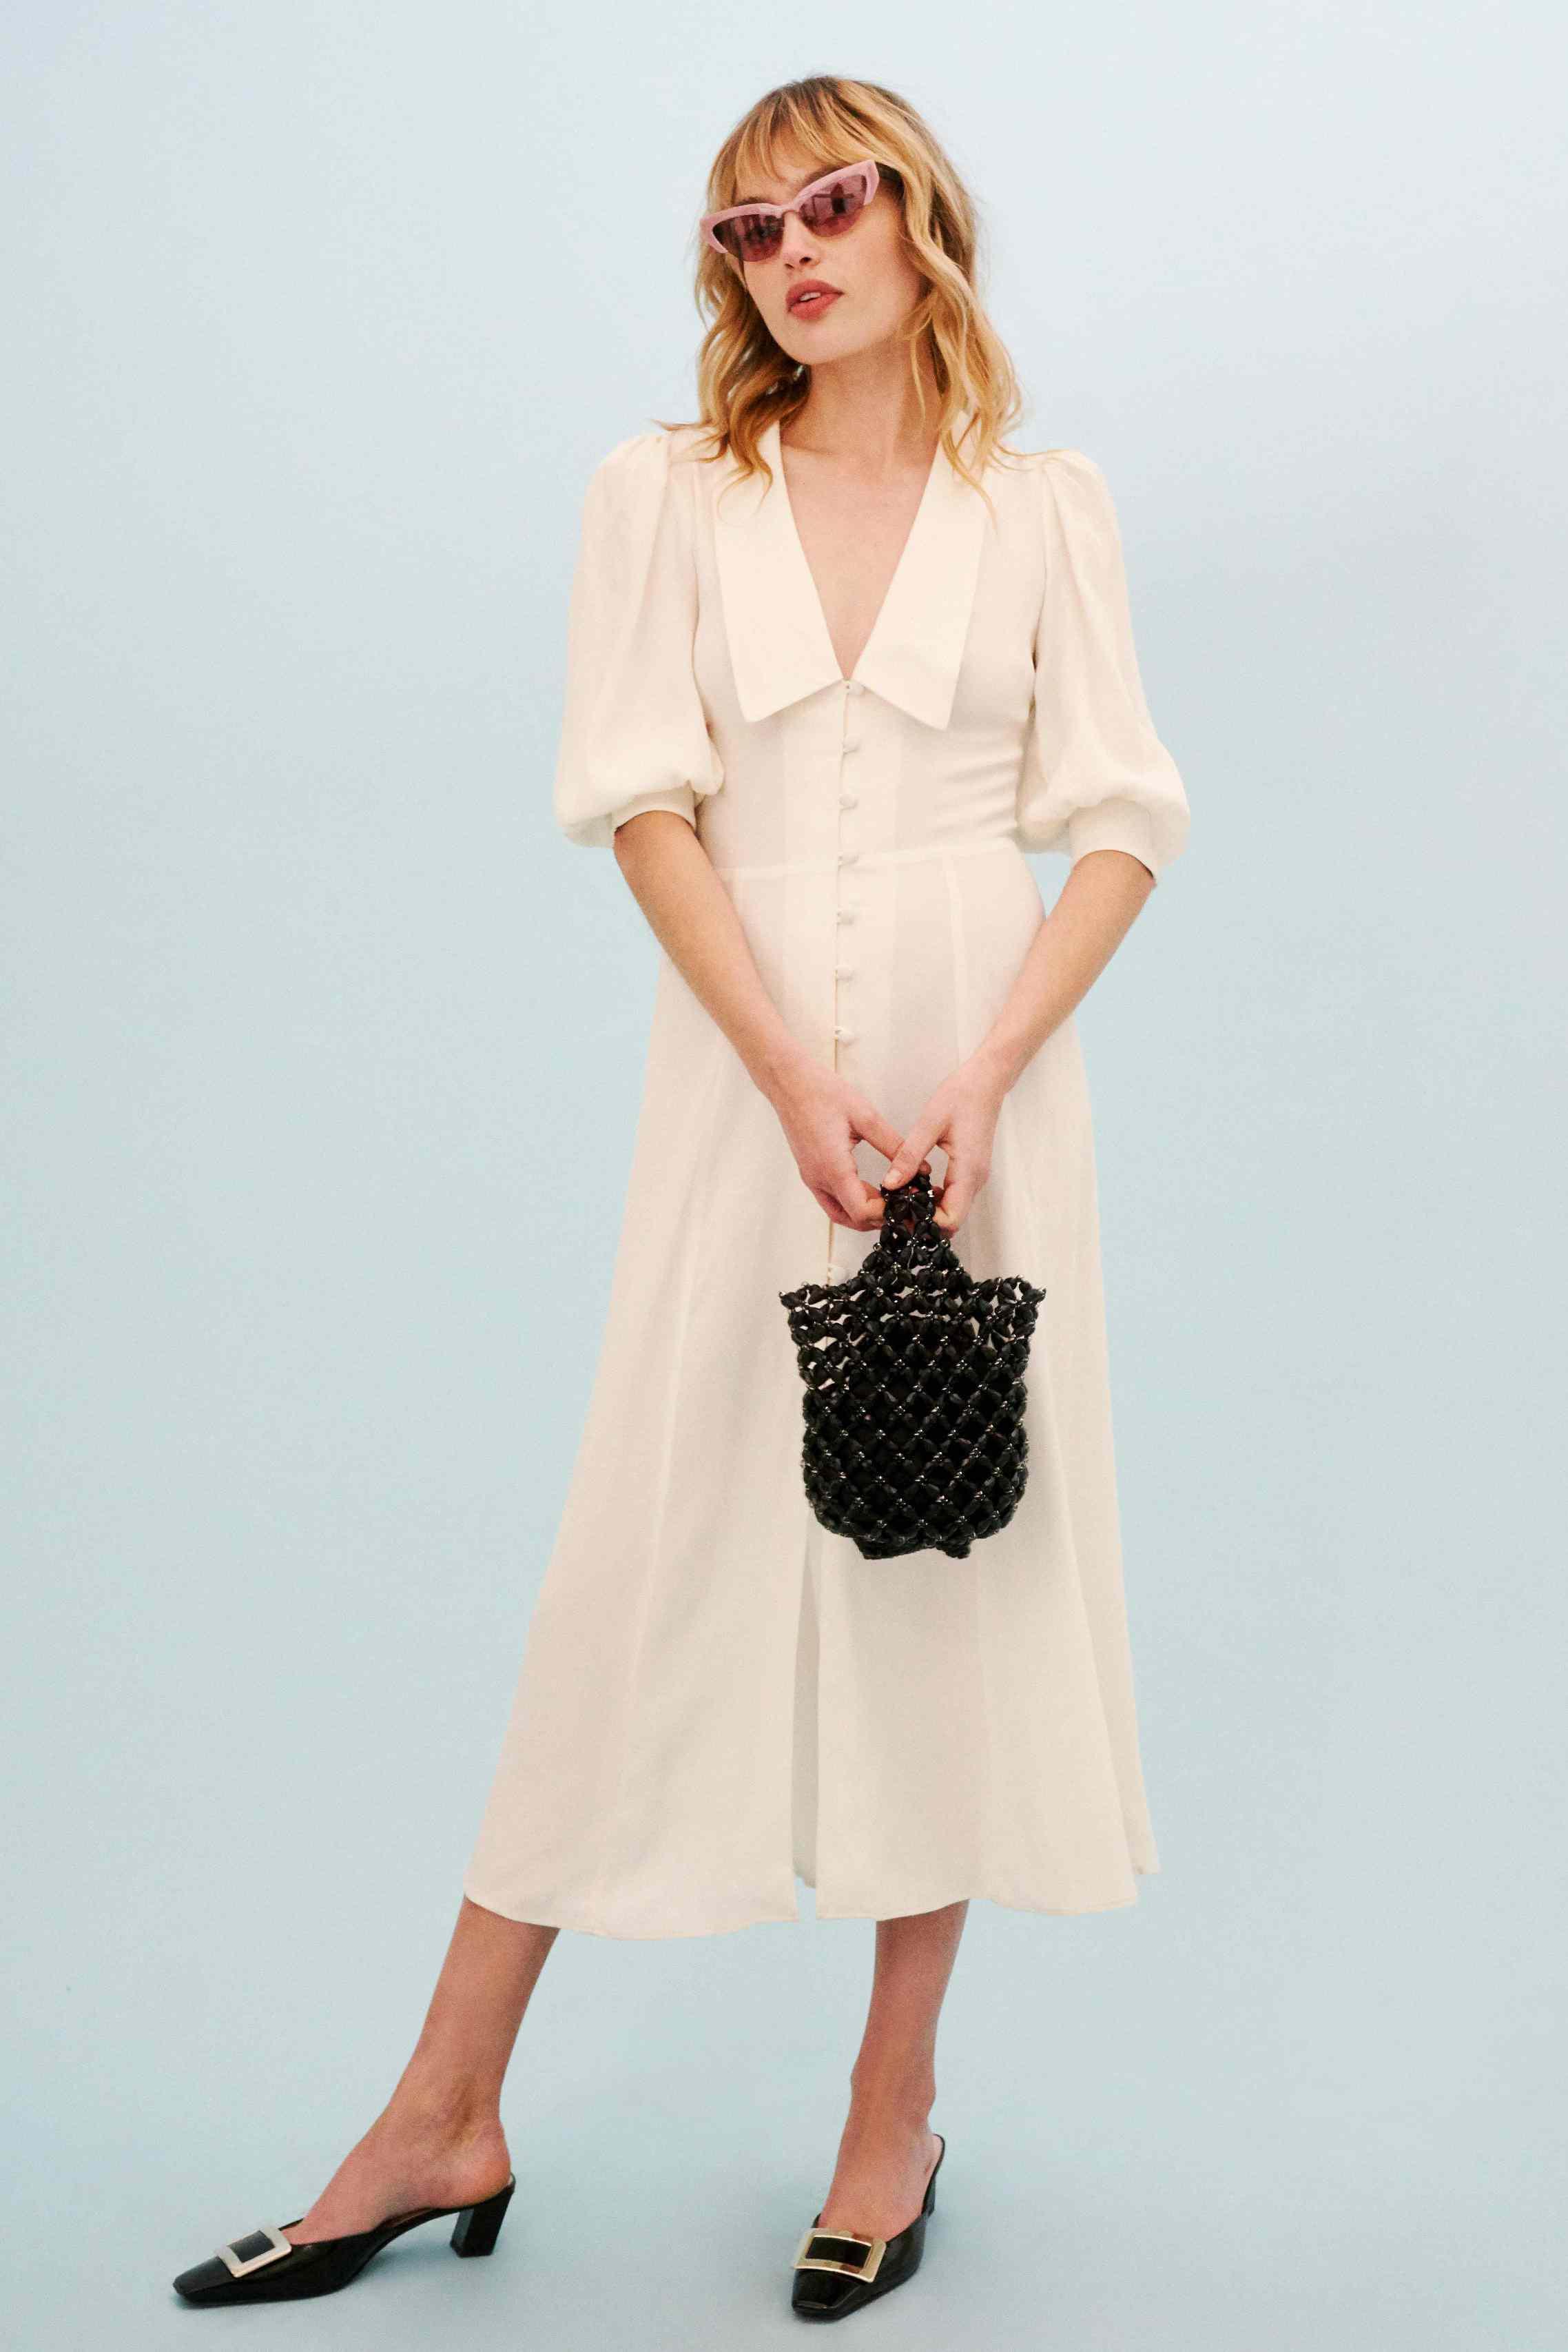 Collard Neckline Dress